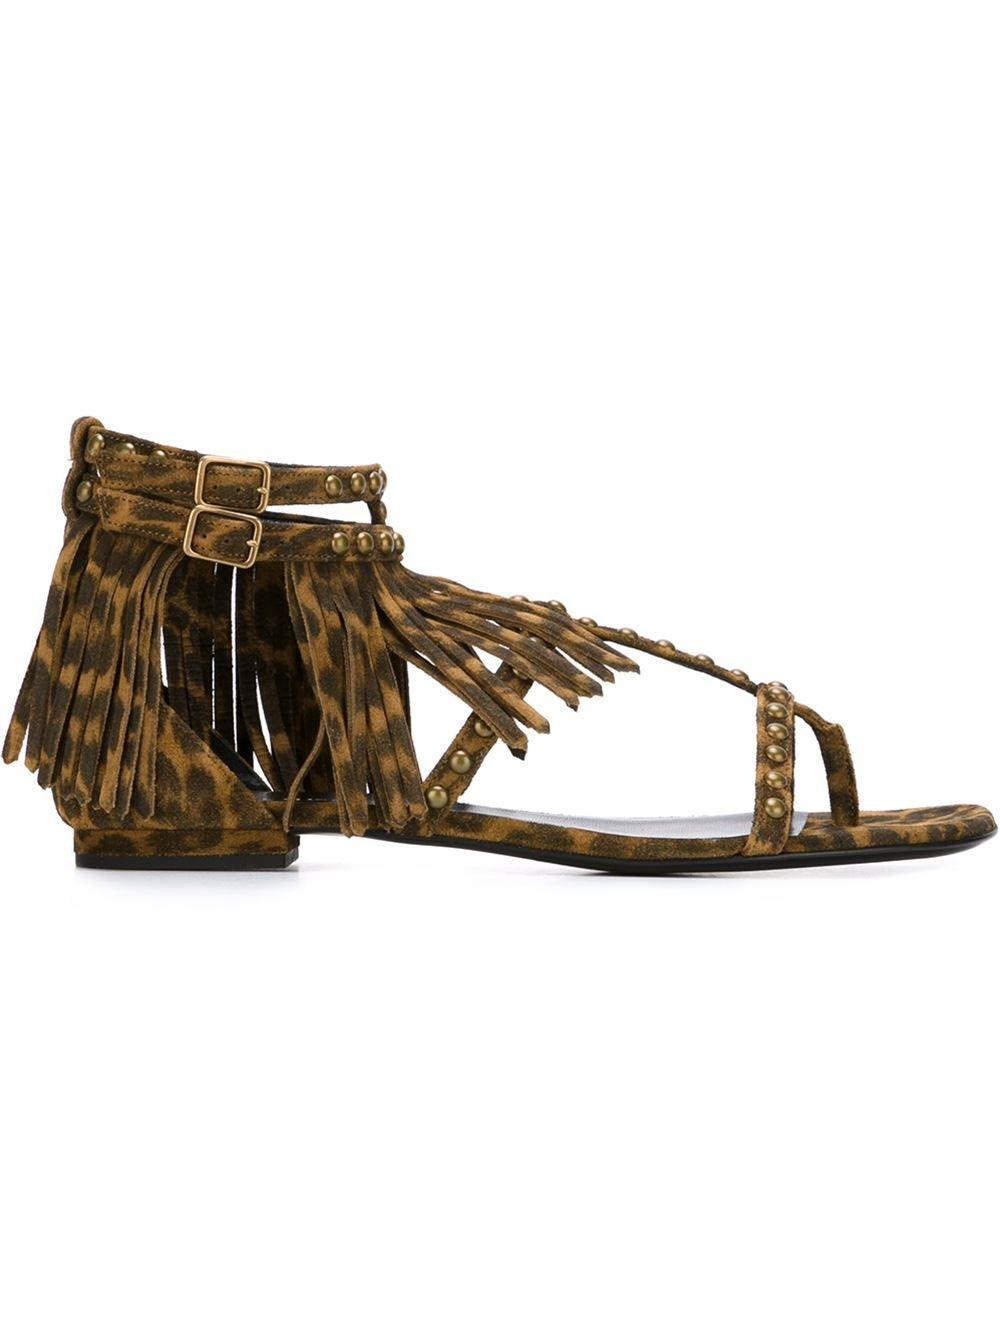 Saint Laurent 'Nu Pieds' flat sandals